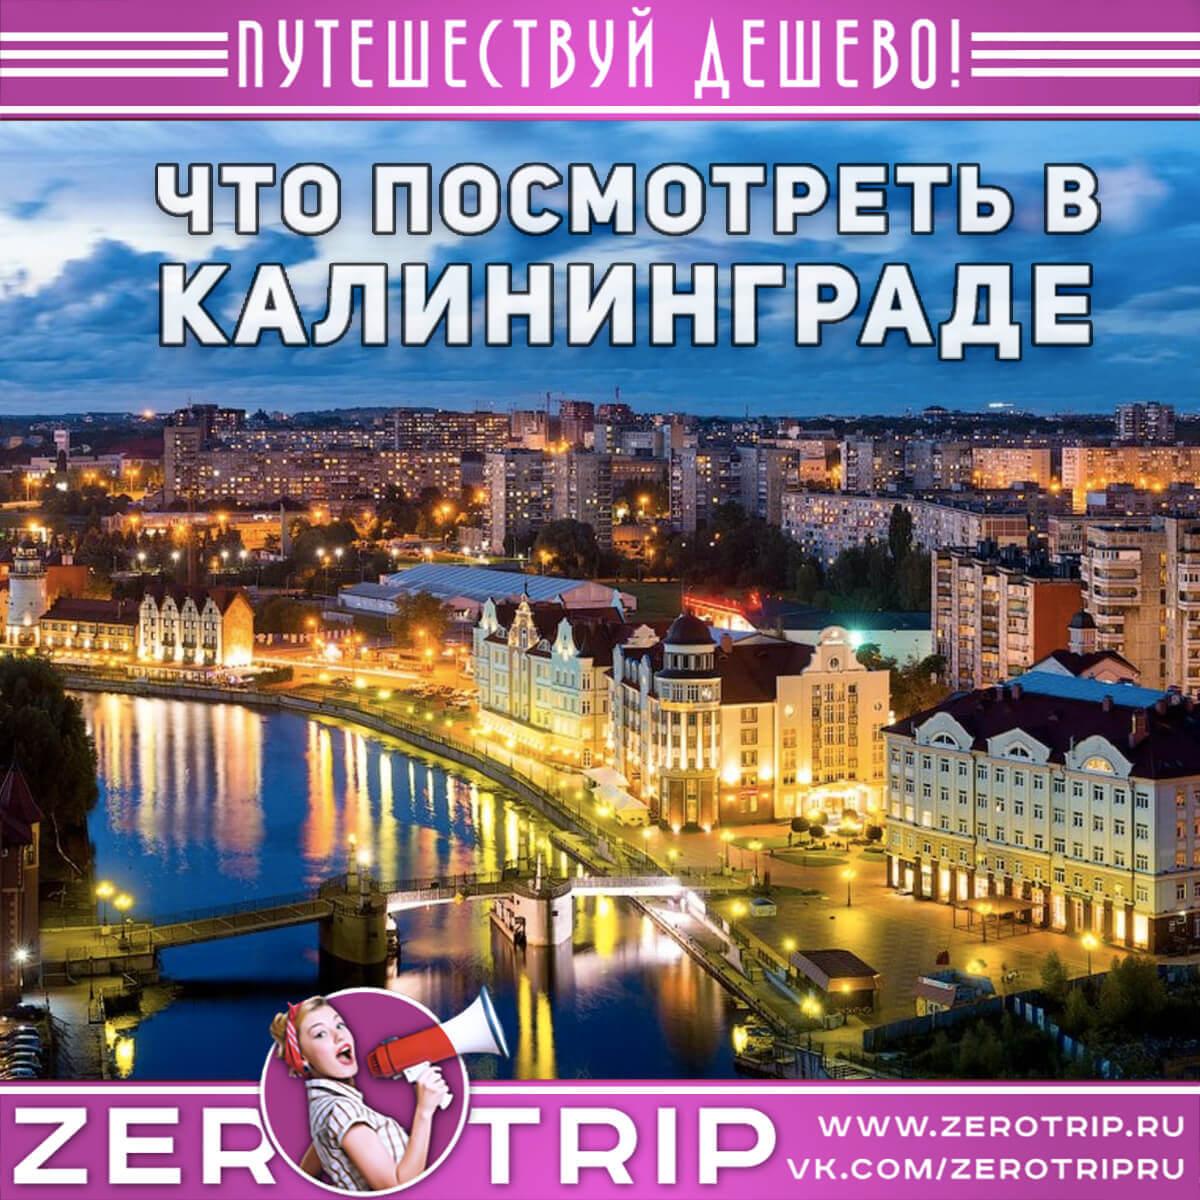 Достопримечательности Калининграда